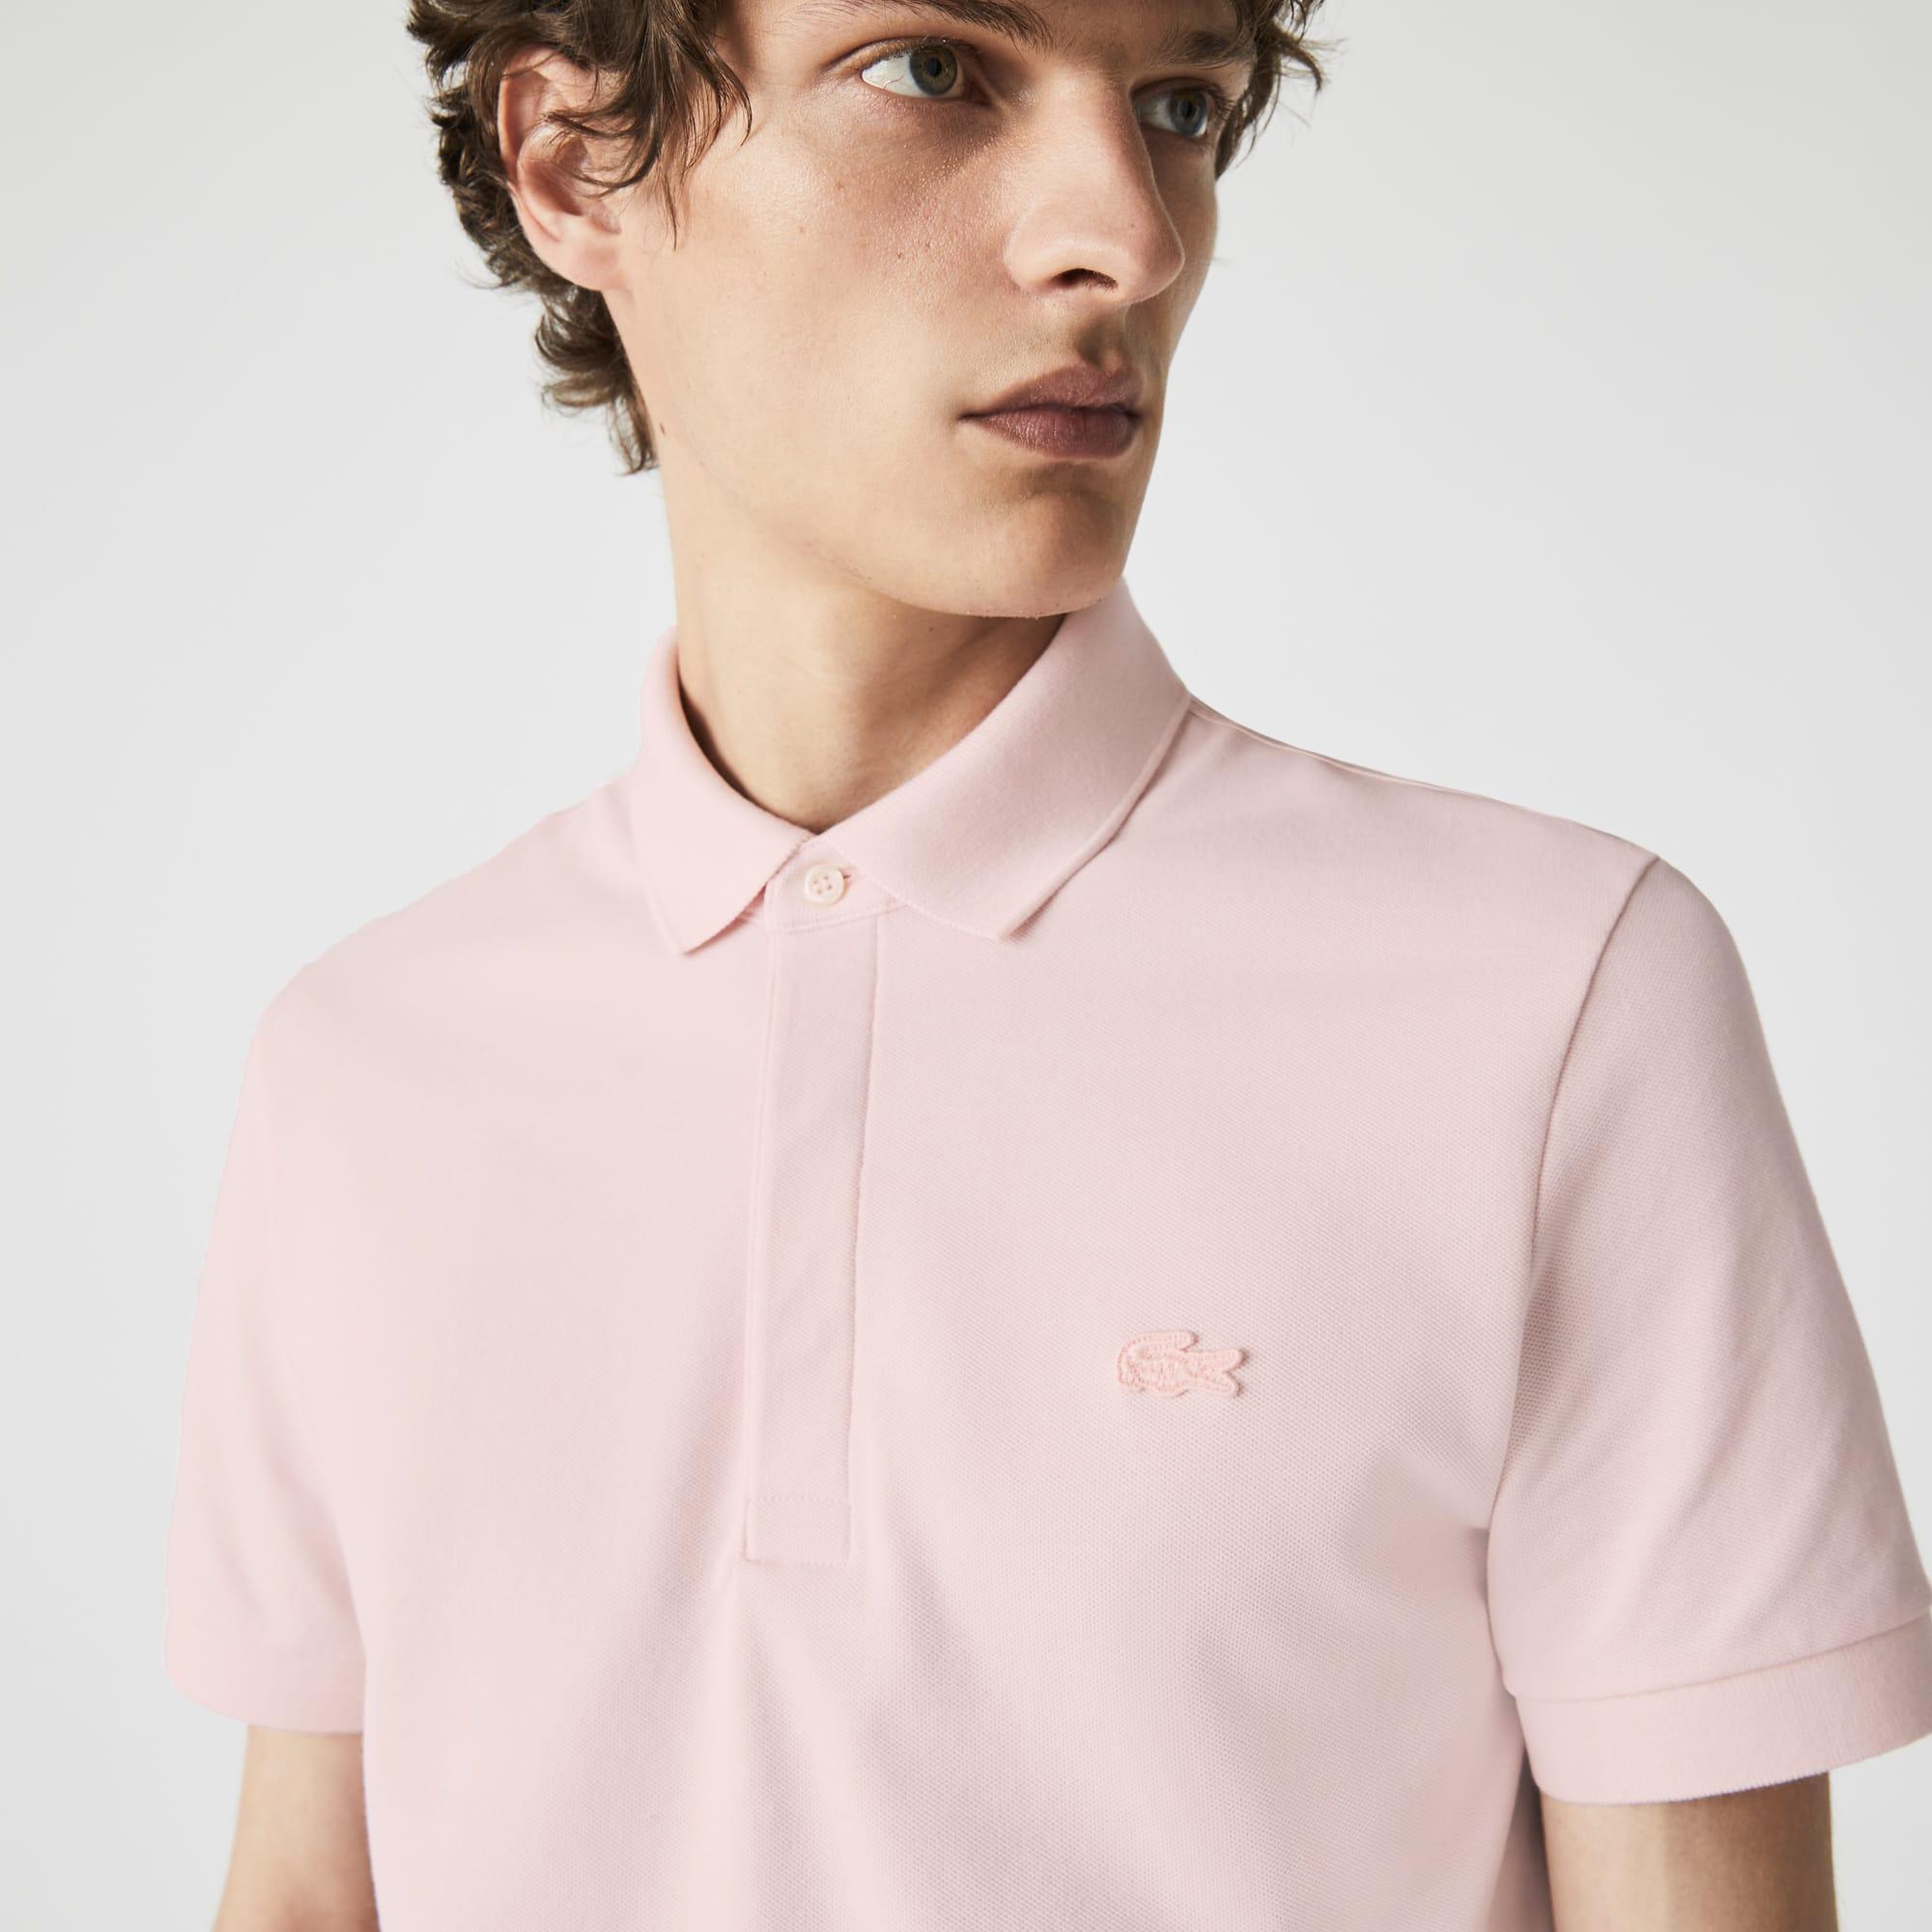 Mens Lacoste Paris Polo Shirt Regular Fit Stretch Cotton Pique